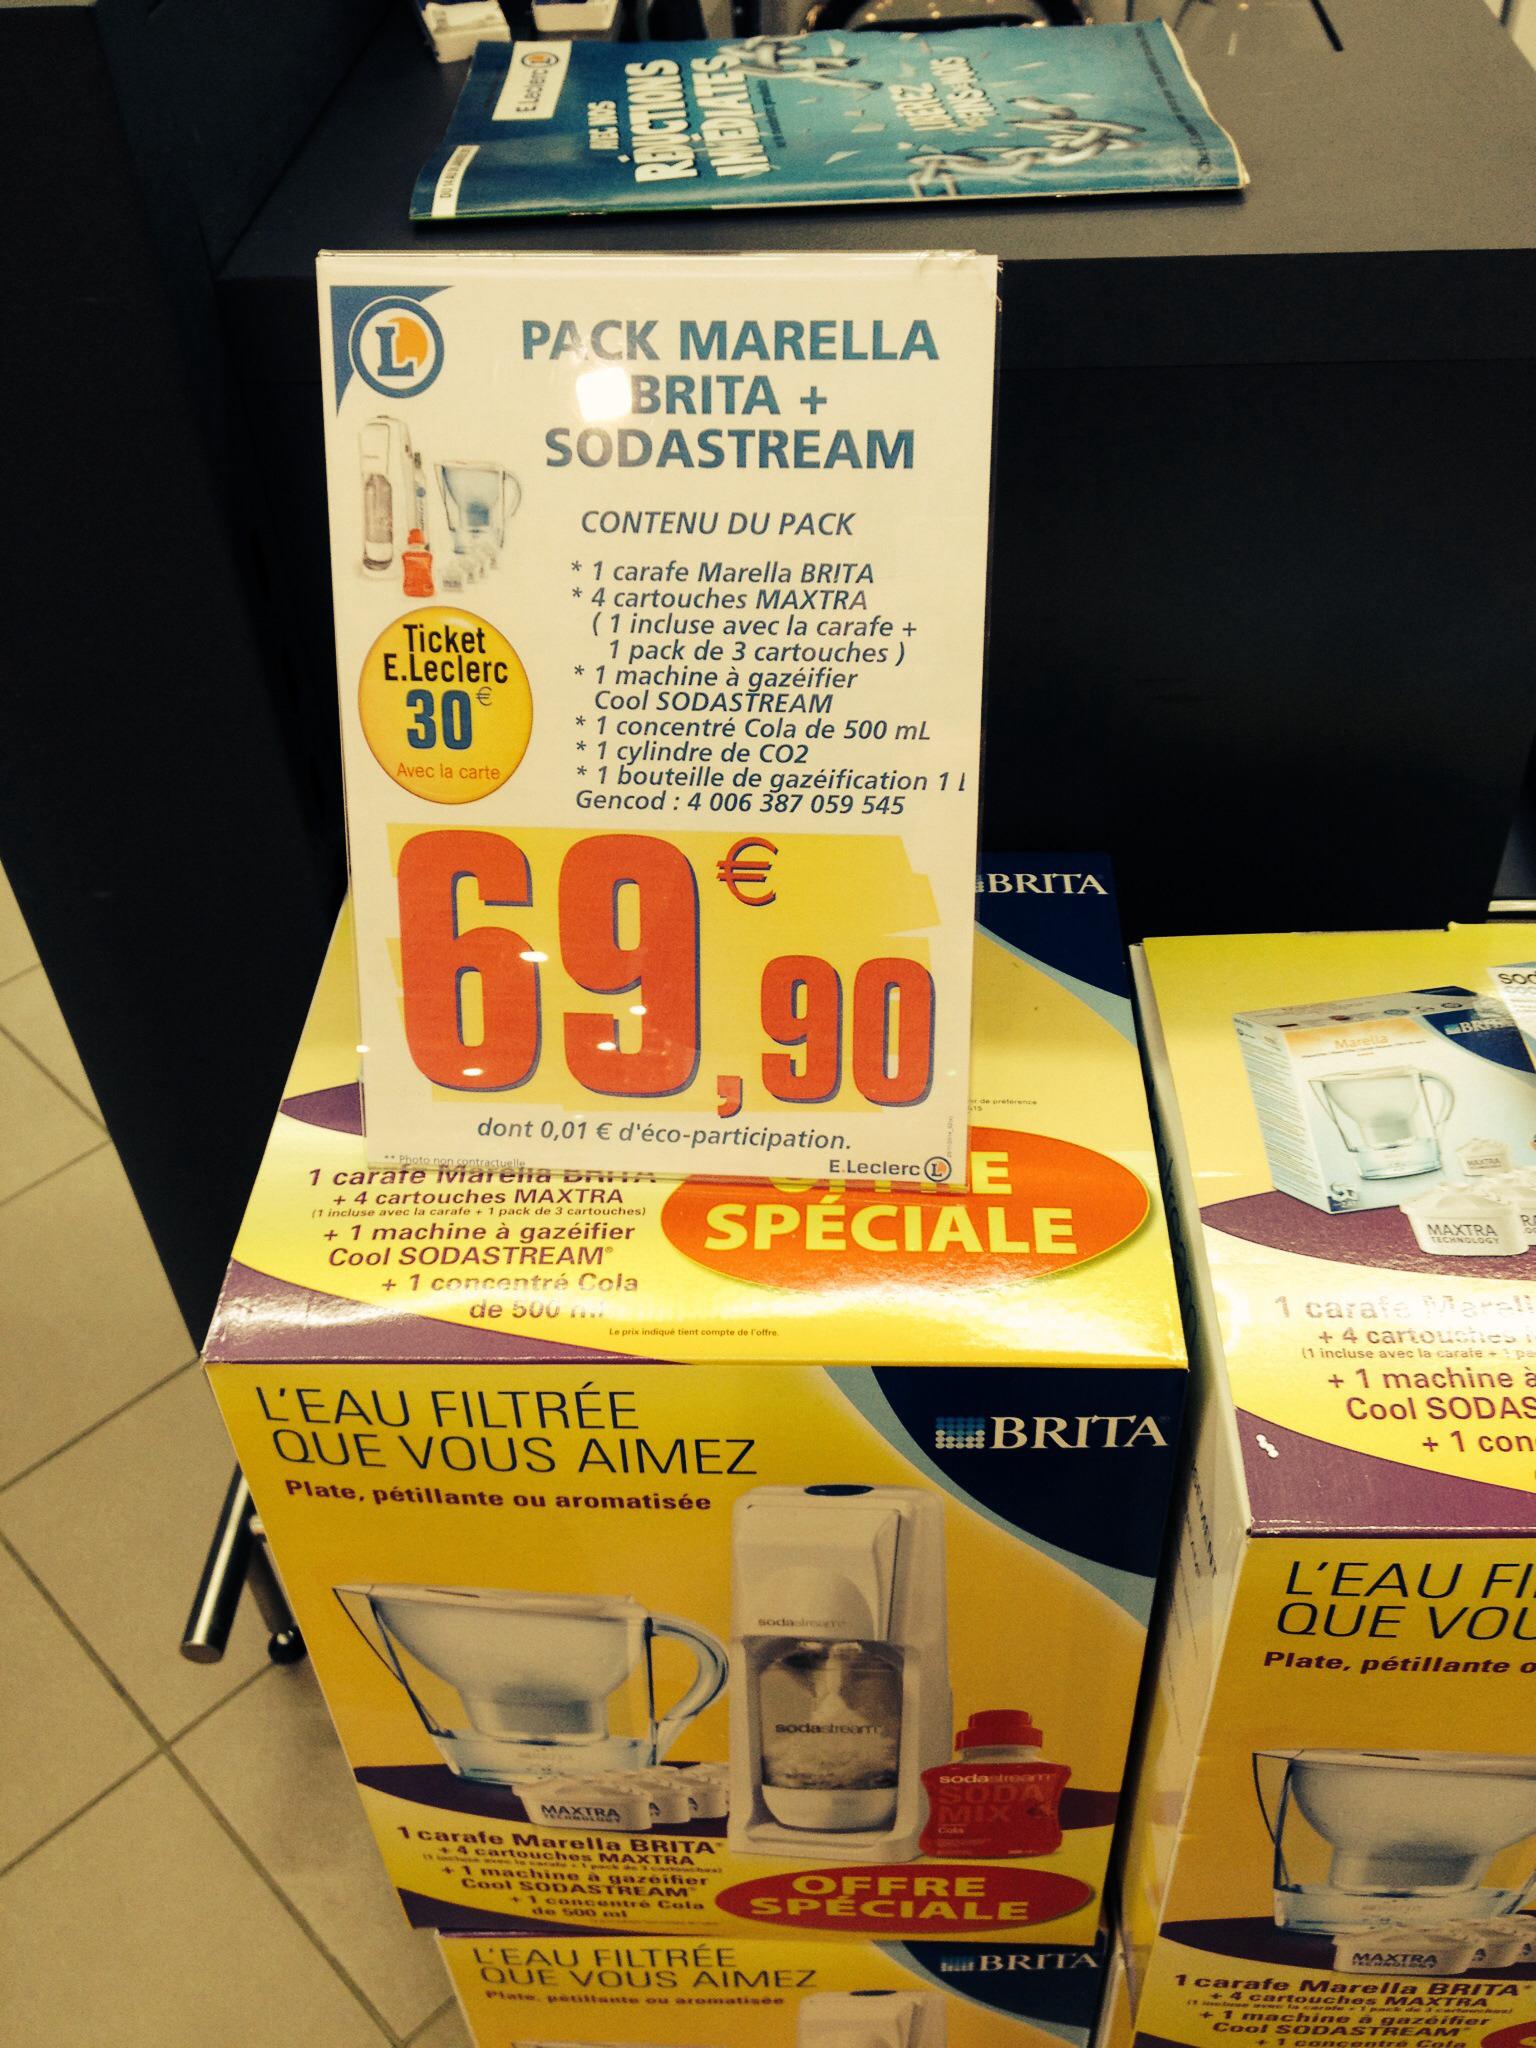 Pack Carafe Brita Marella + 4 Cartouches Maxtra + Machine à gazéifier Sodastream Cool (Avec 30€ sur la carte)